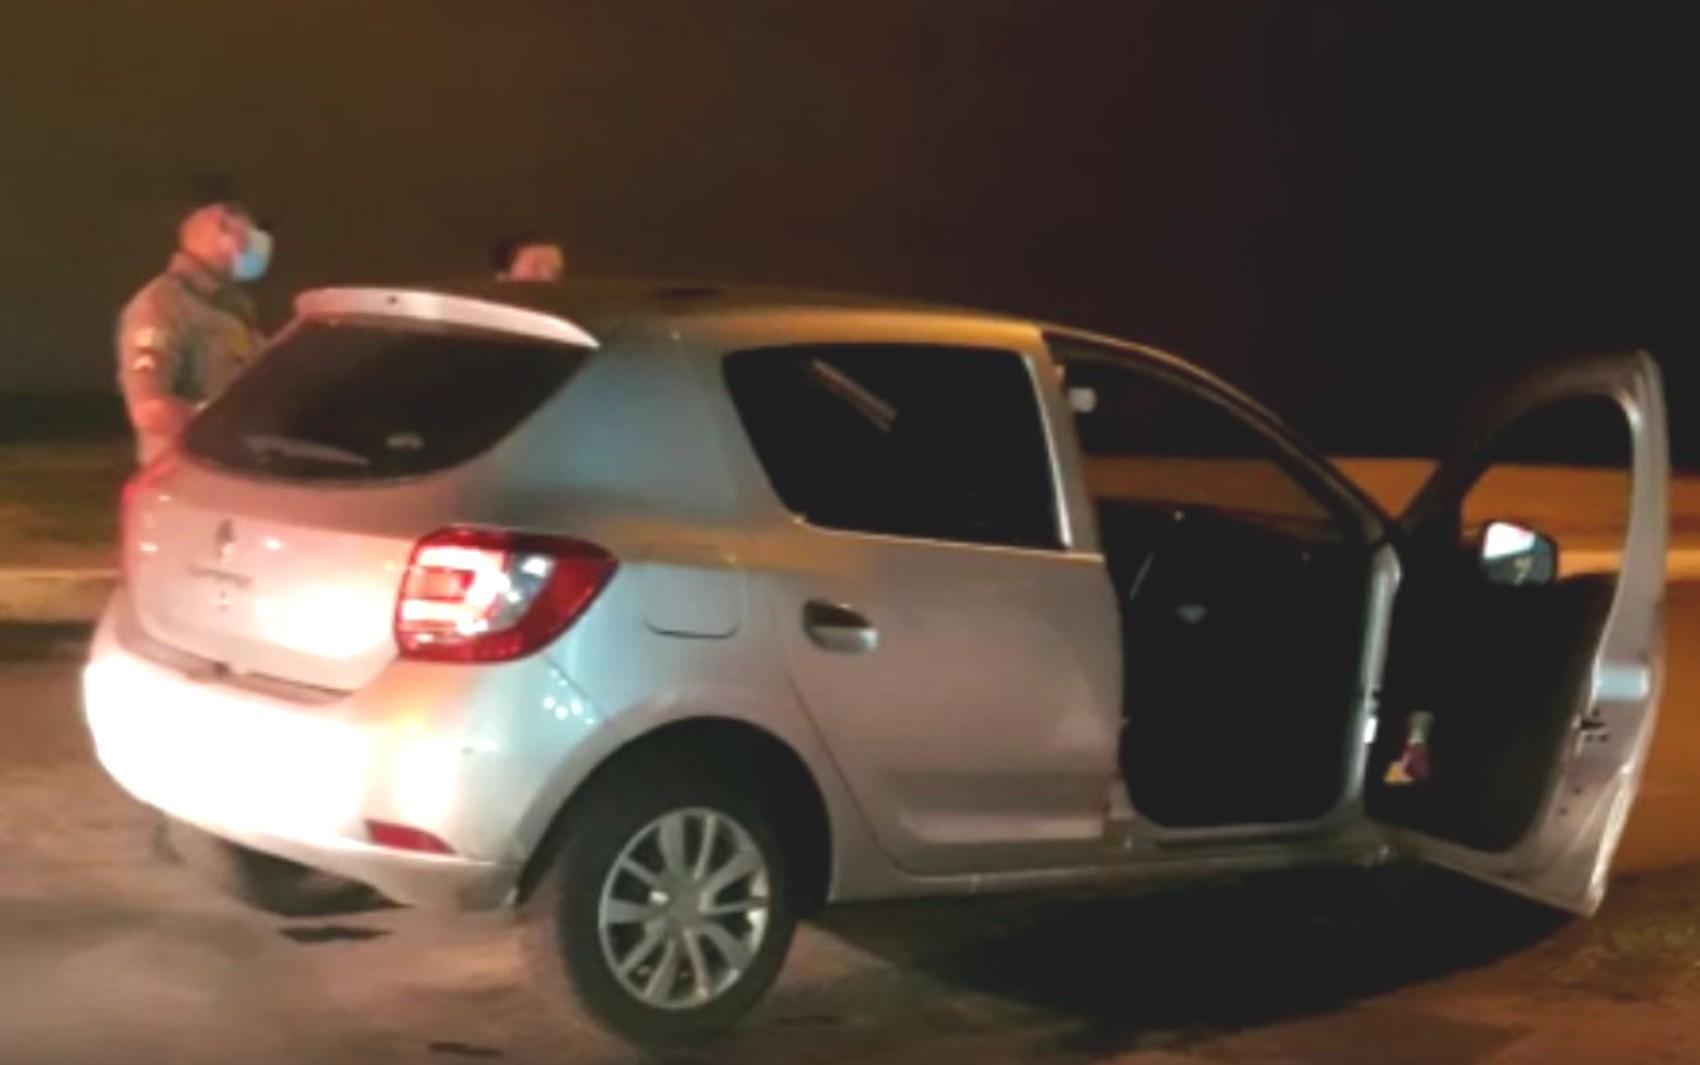 Homem é preso suspeito de roubar, estuprar e fazer motorista de app refém durante corrida em Aparecida de Goiânia